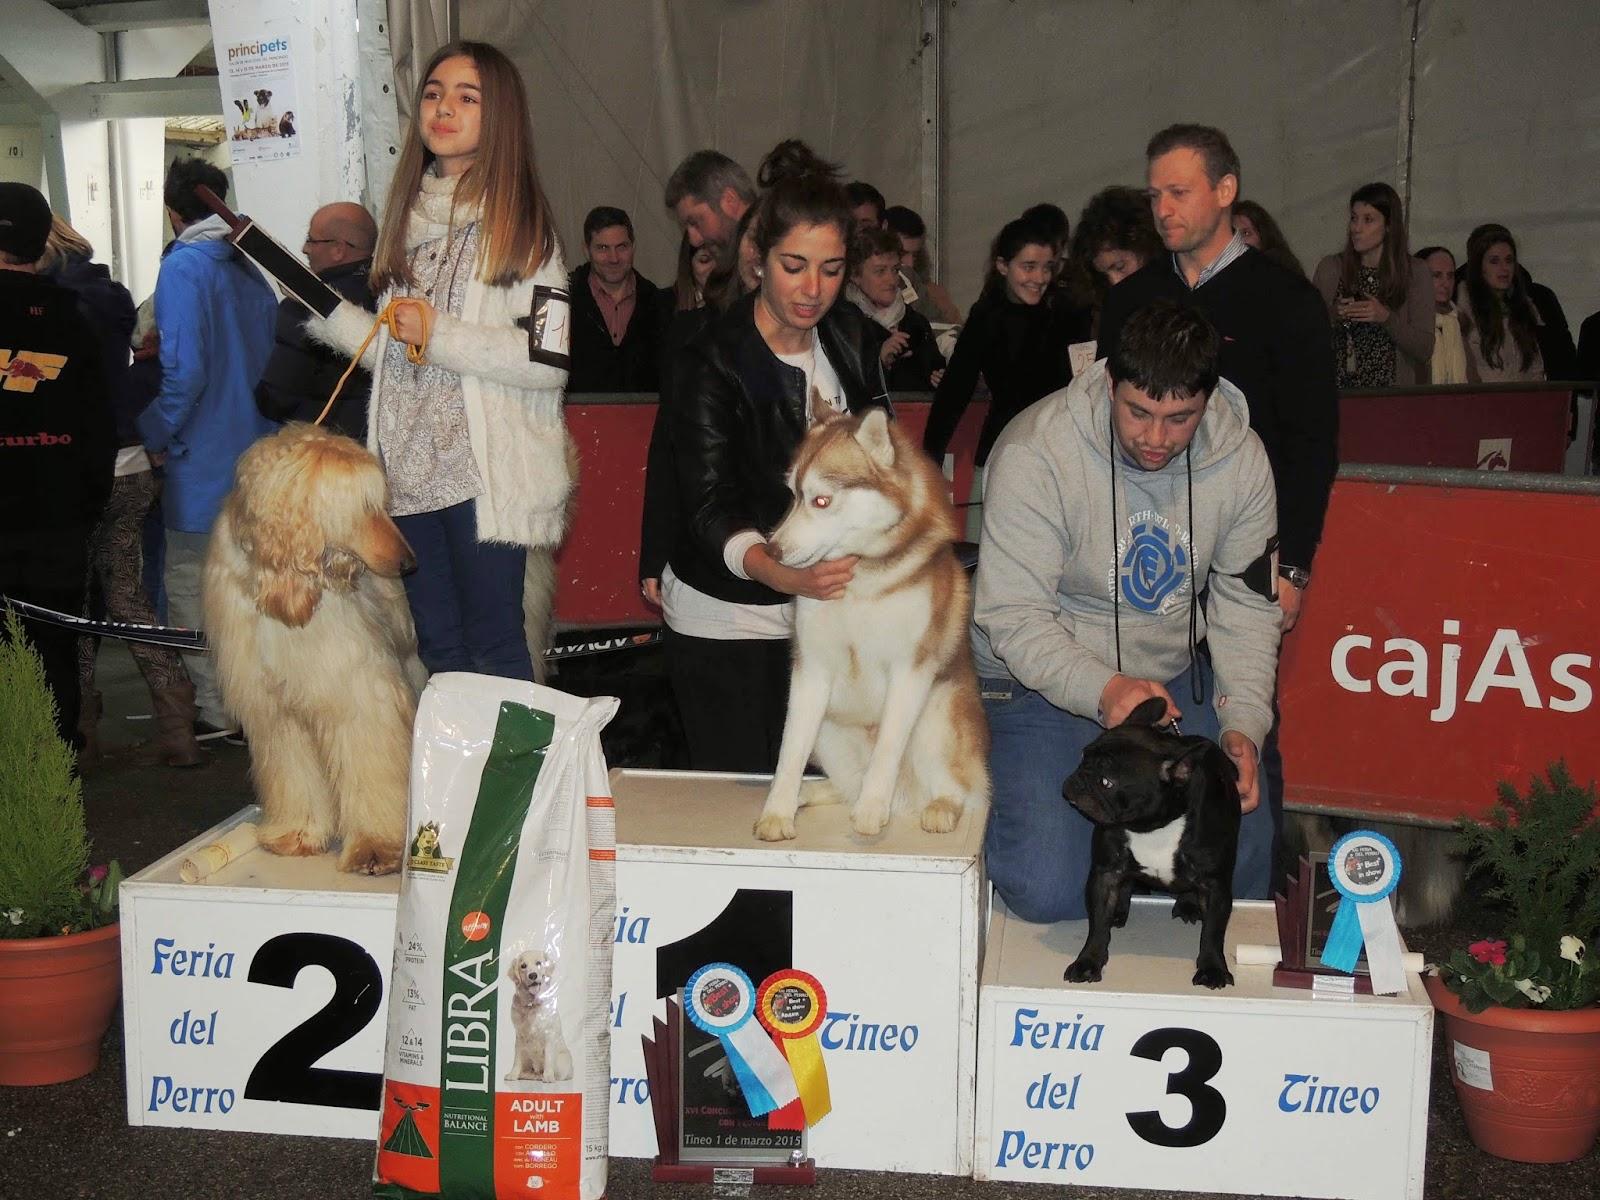 TINEO.- Feria del Perro y concursos caninos este fin de semana. Hoy, cros solidario